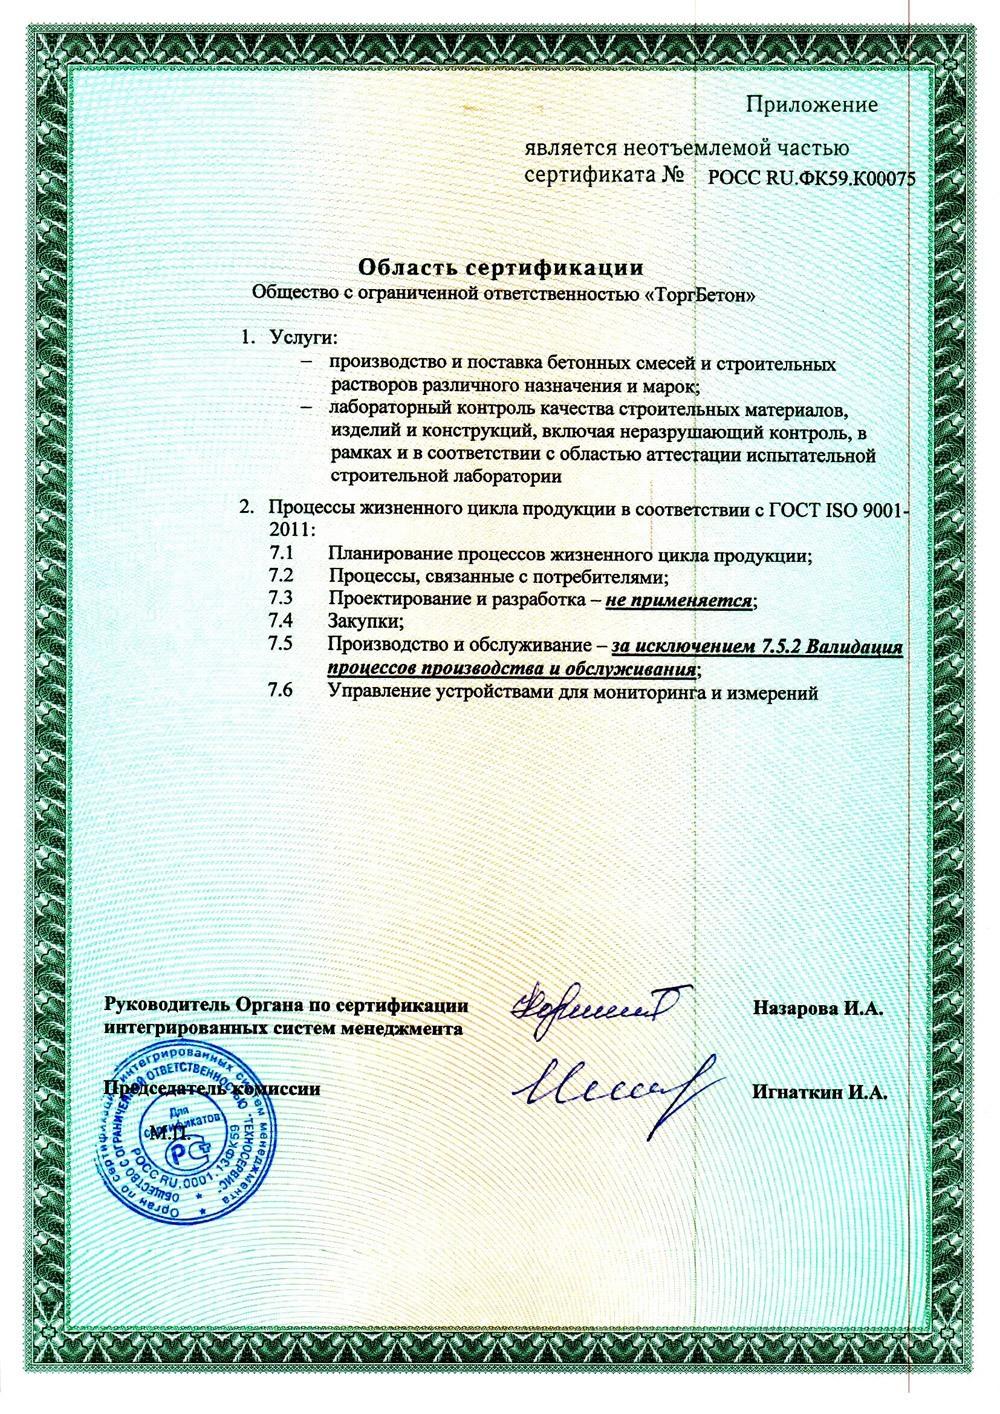 заказать сертификат ИСО 9001 2008 в Хабаровске